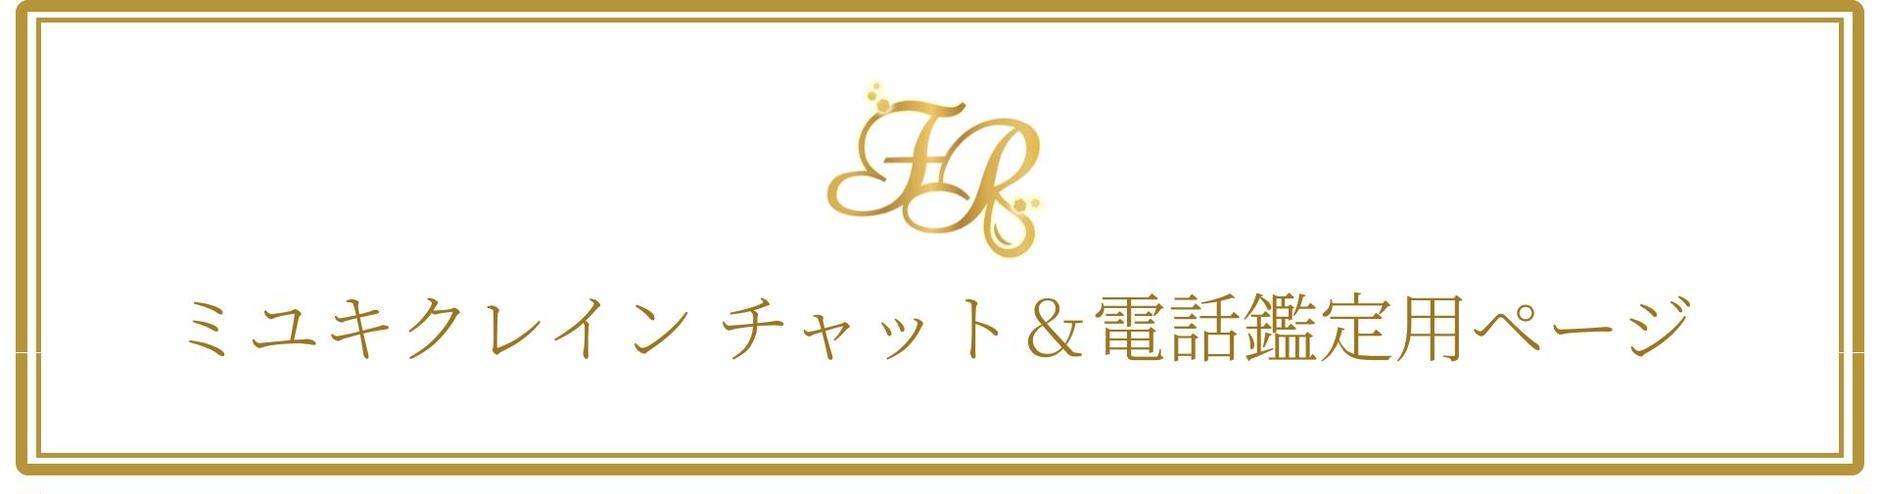 ミユキクレイン チャット&電話鑑定ページ